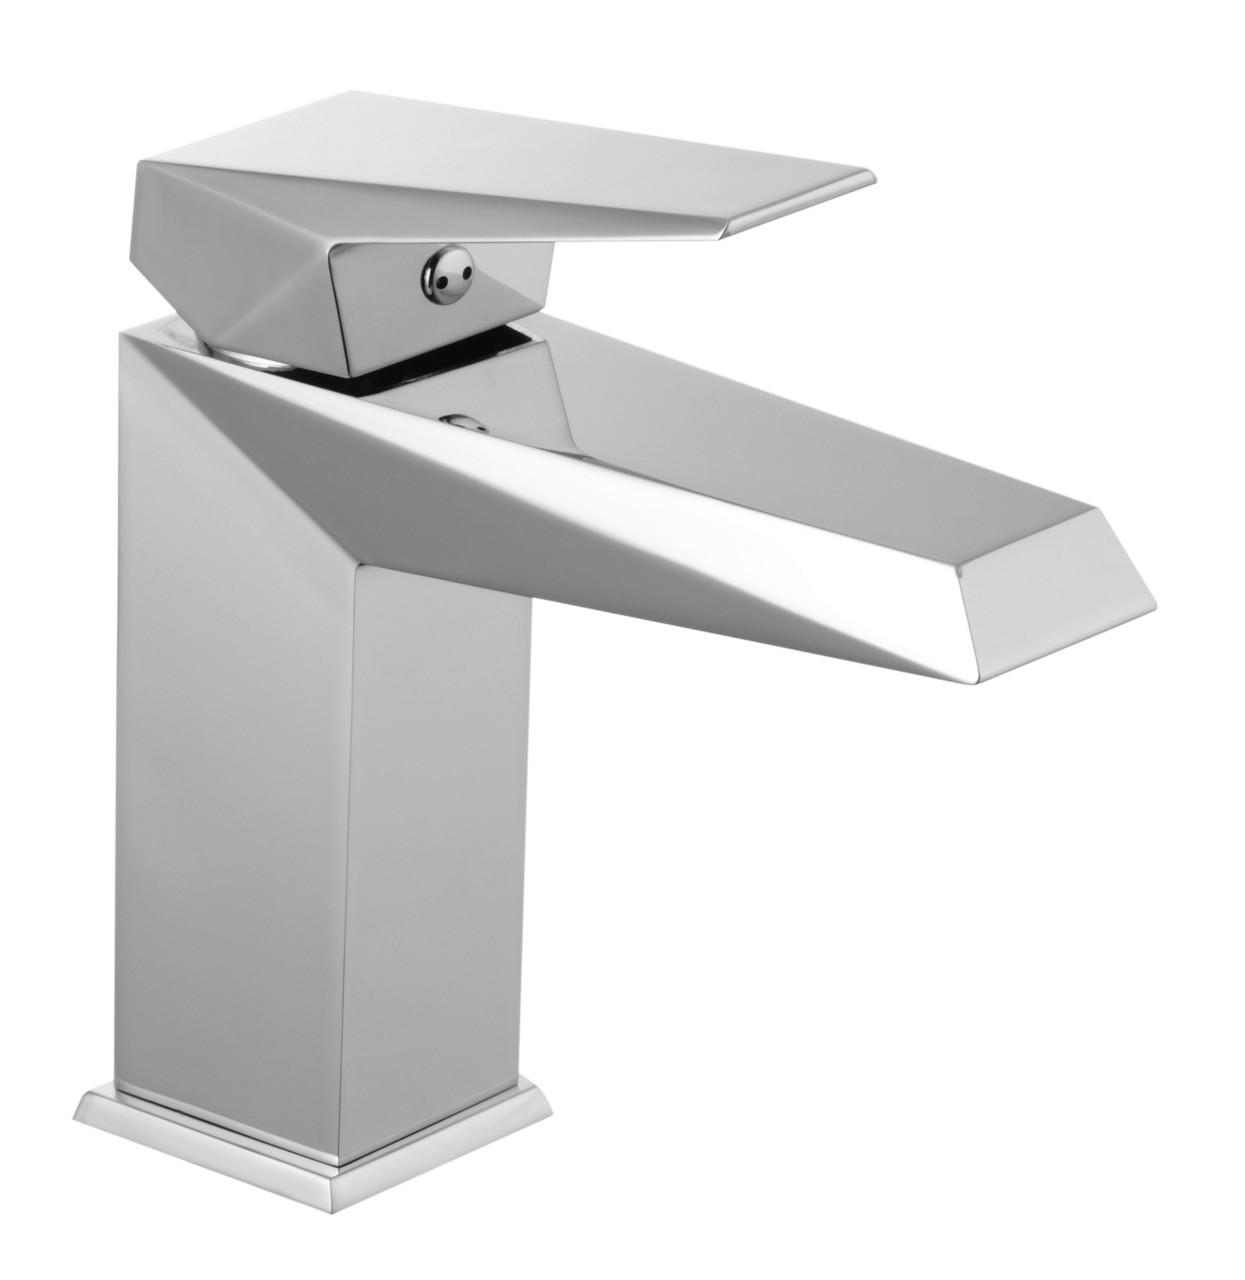 ORLANDO Змішувач для раковини, хром, 35 мм